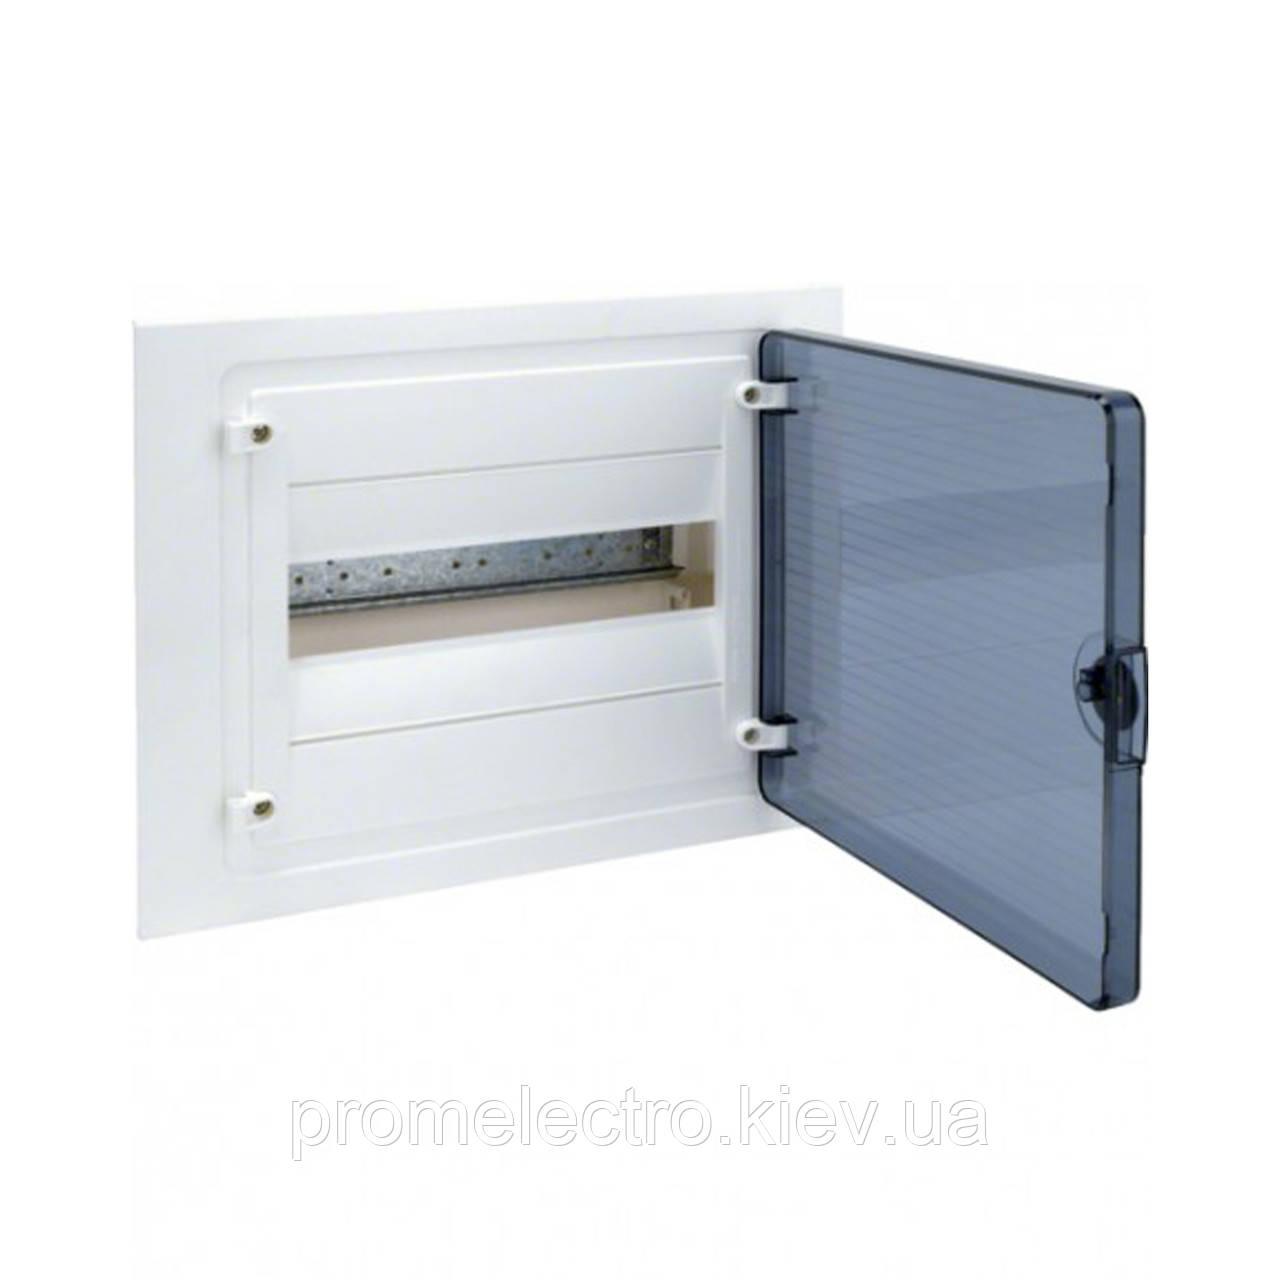 Щит розподільчий Hager GOLF VS112TD на 12 модуля, прозорі дверцята.